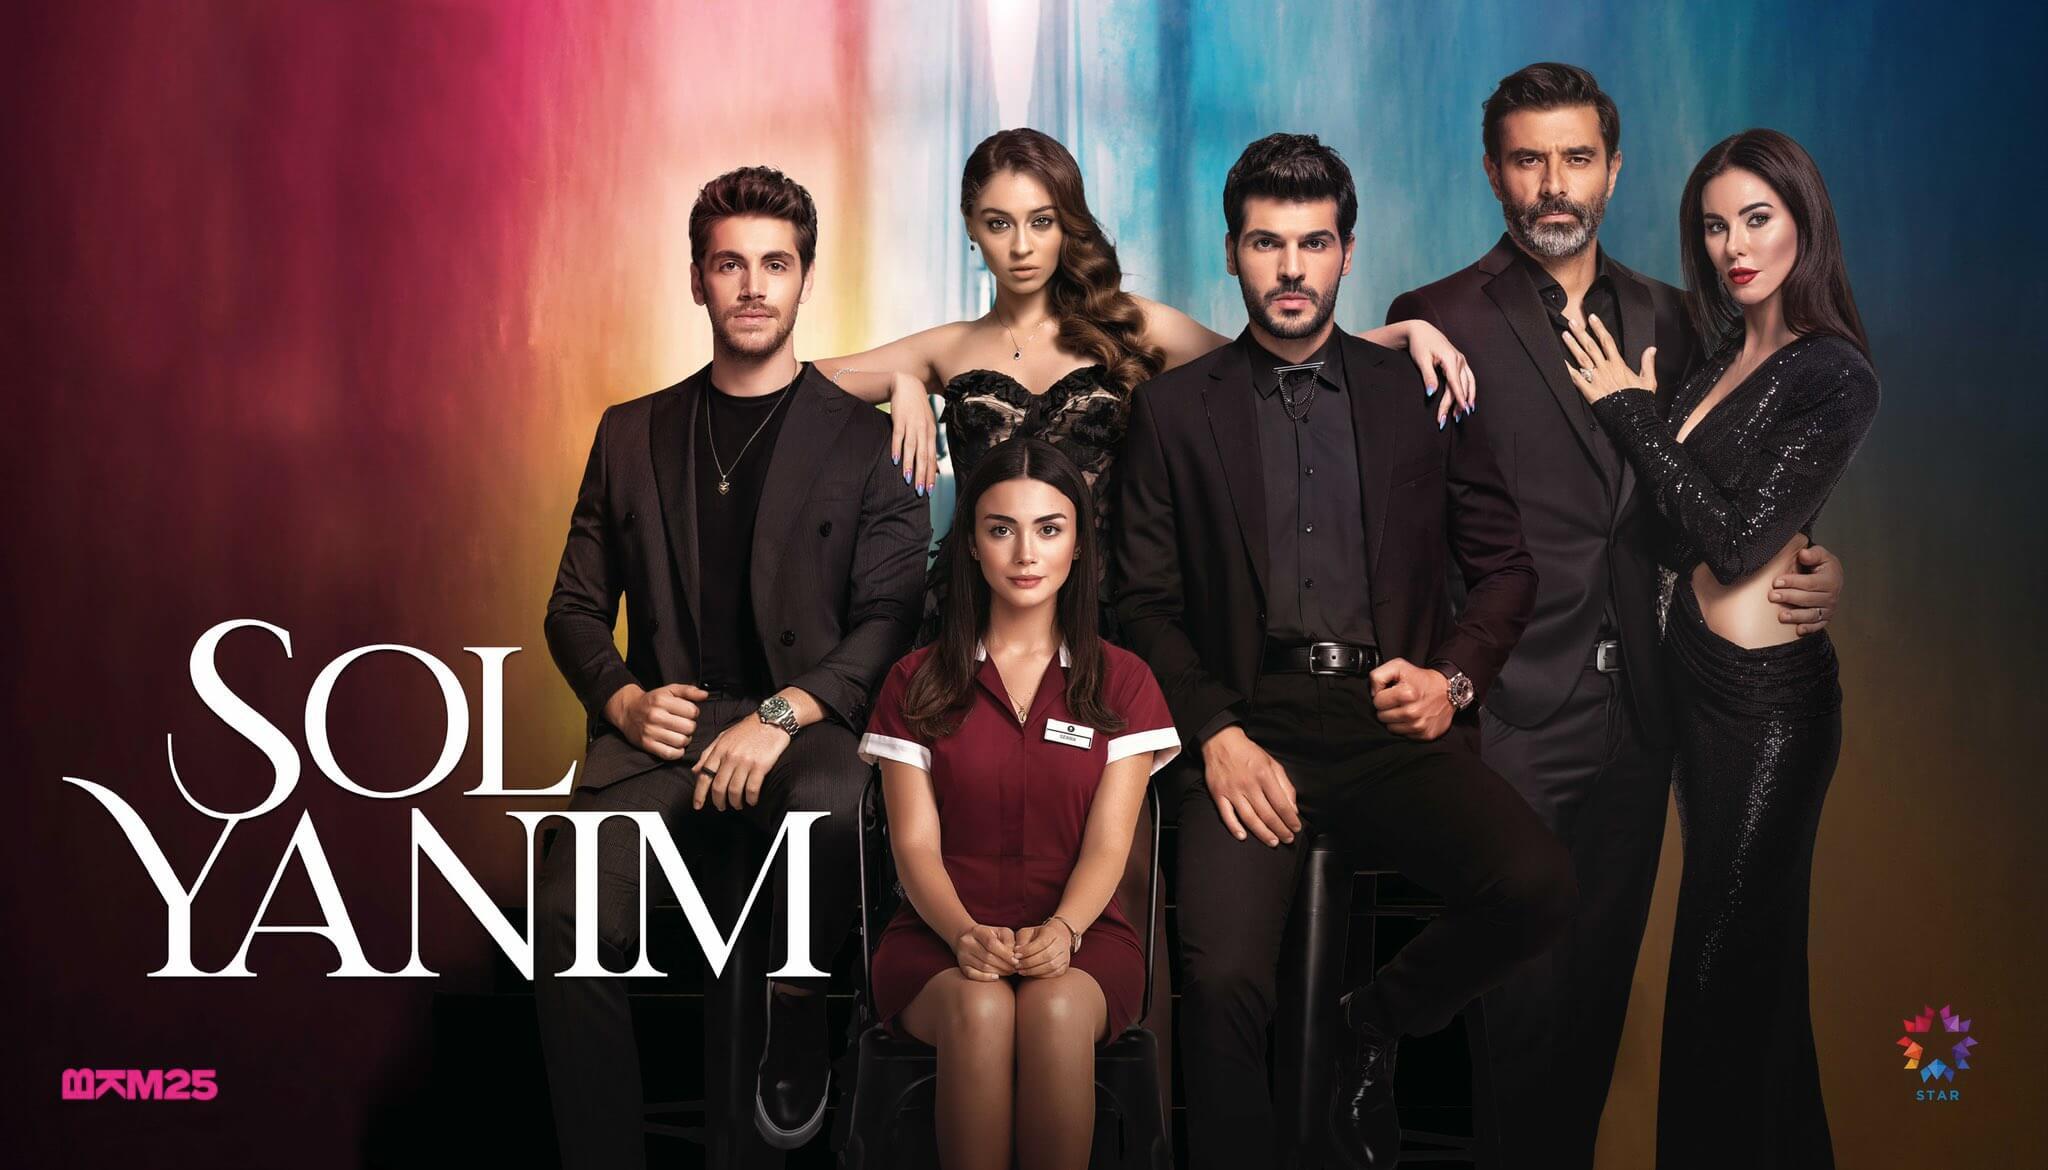 مسلسل-جانبي-الايسر-الحلقة-1-الاولة-مترجمة-قصة-عشق-Sol-Yanım